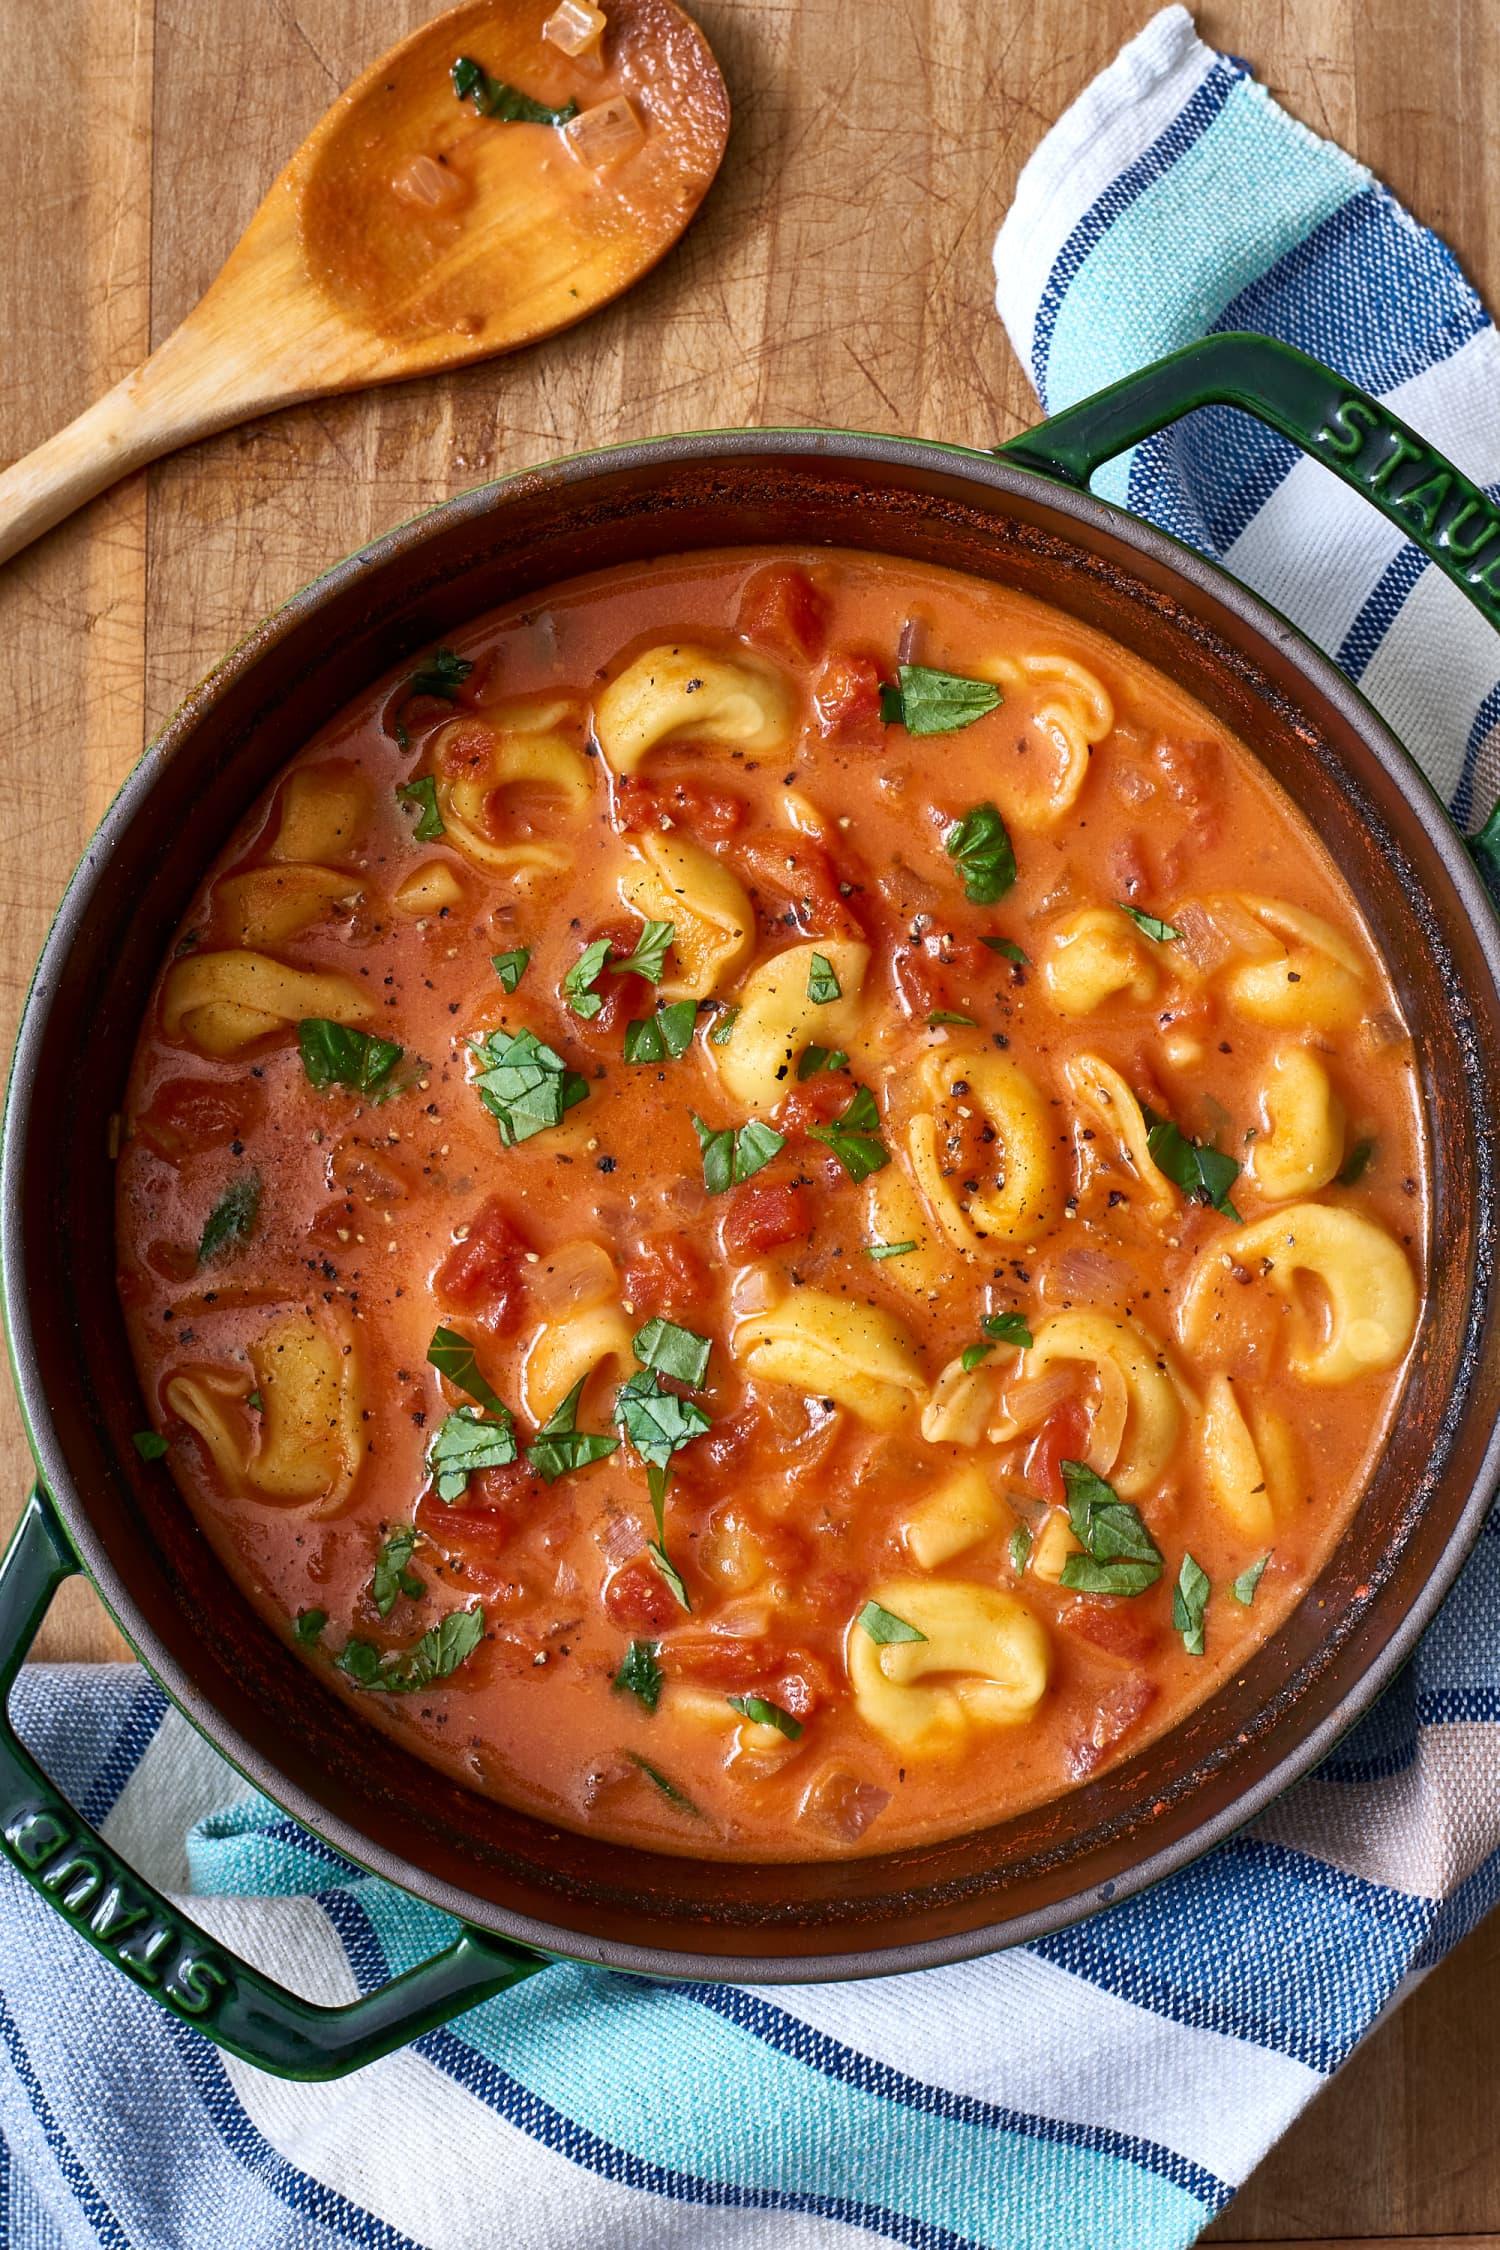 Recipe: Tomato Tortellini Soup